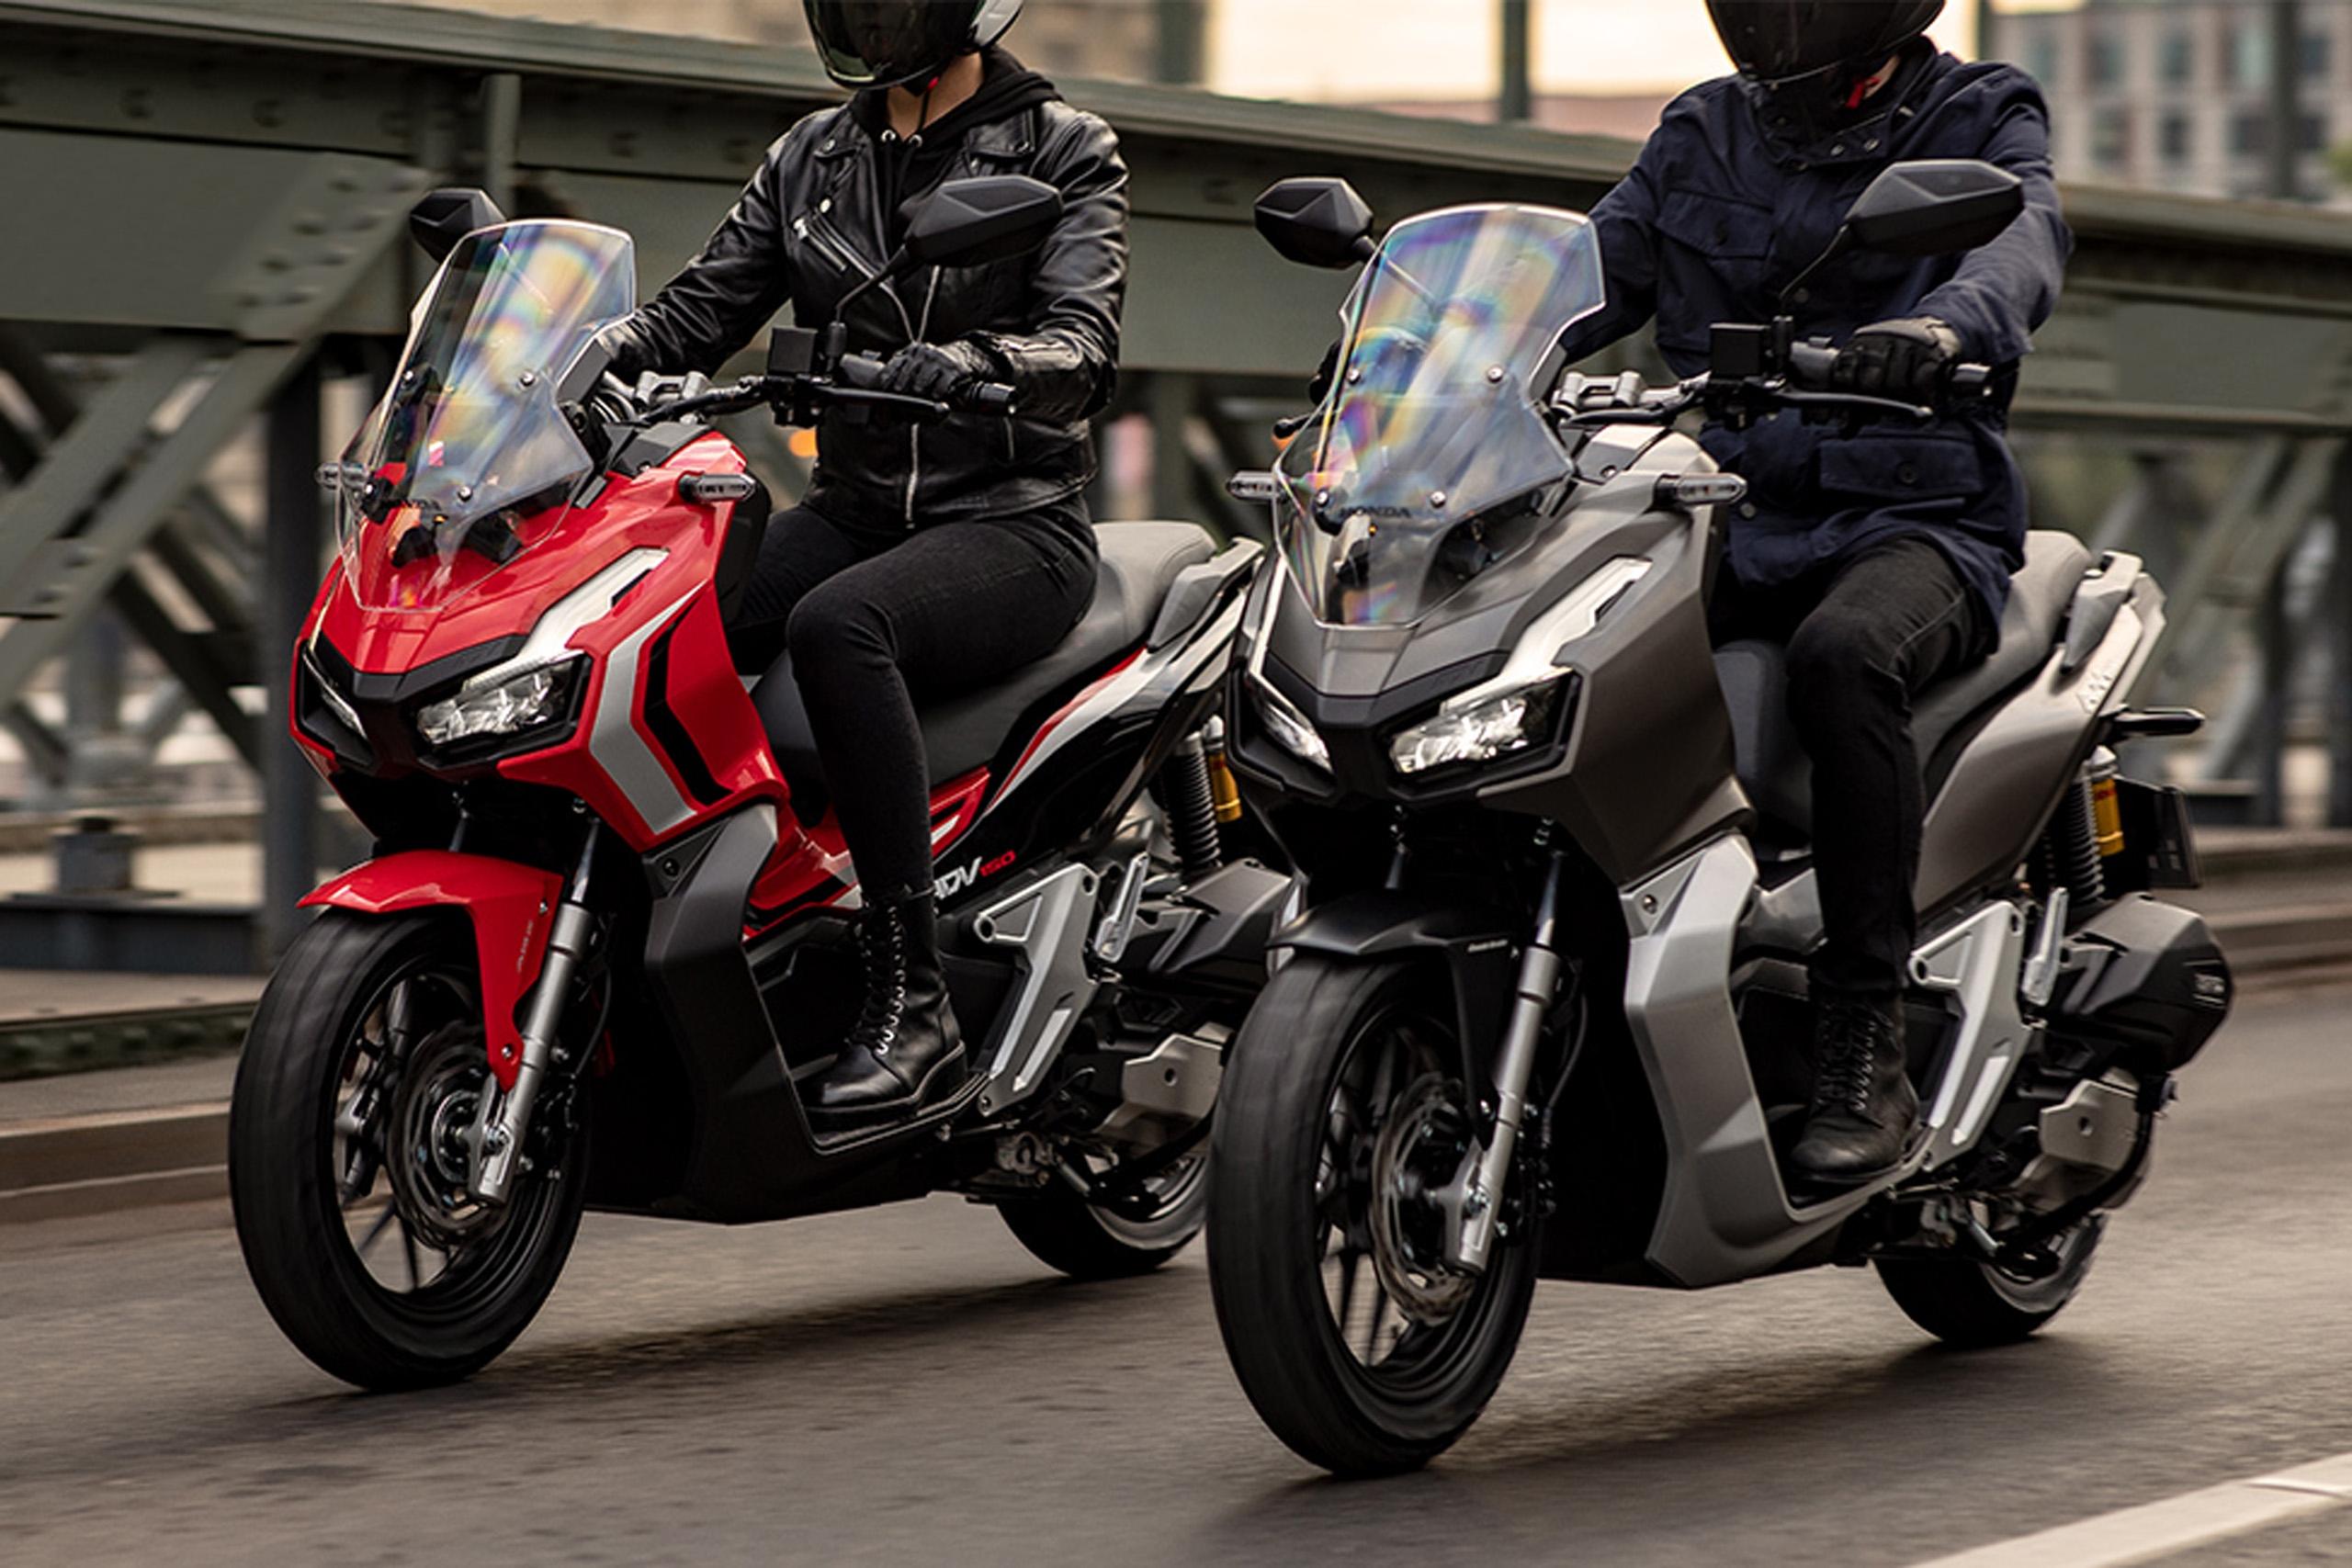 Honda ADV 350 2021 sắp ra mắt sẽ có trang bị động cơ như SH 2020